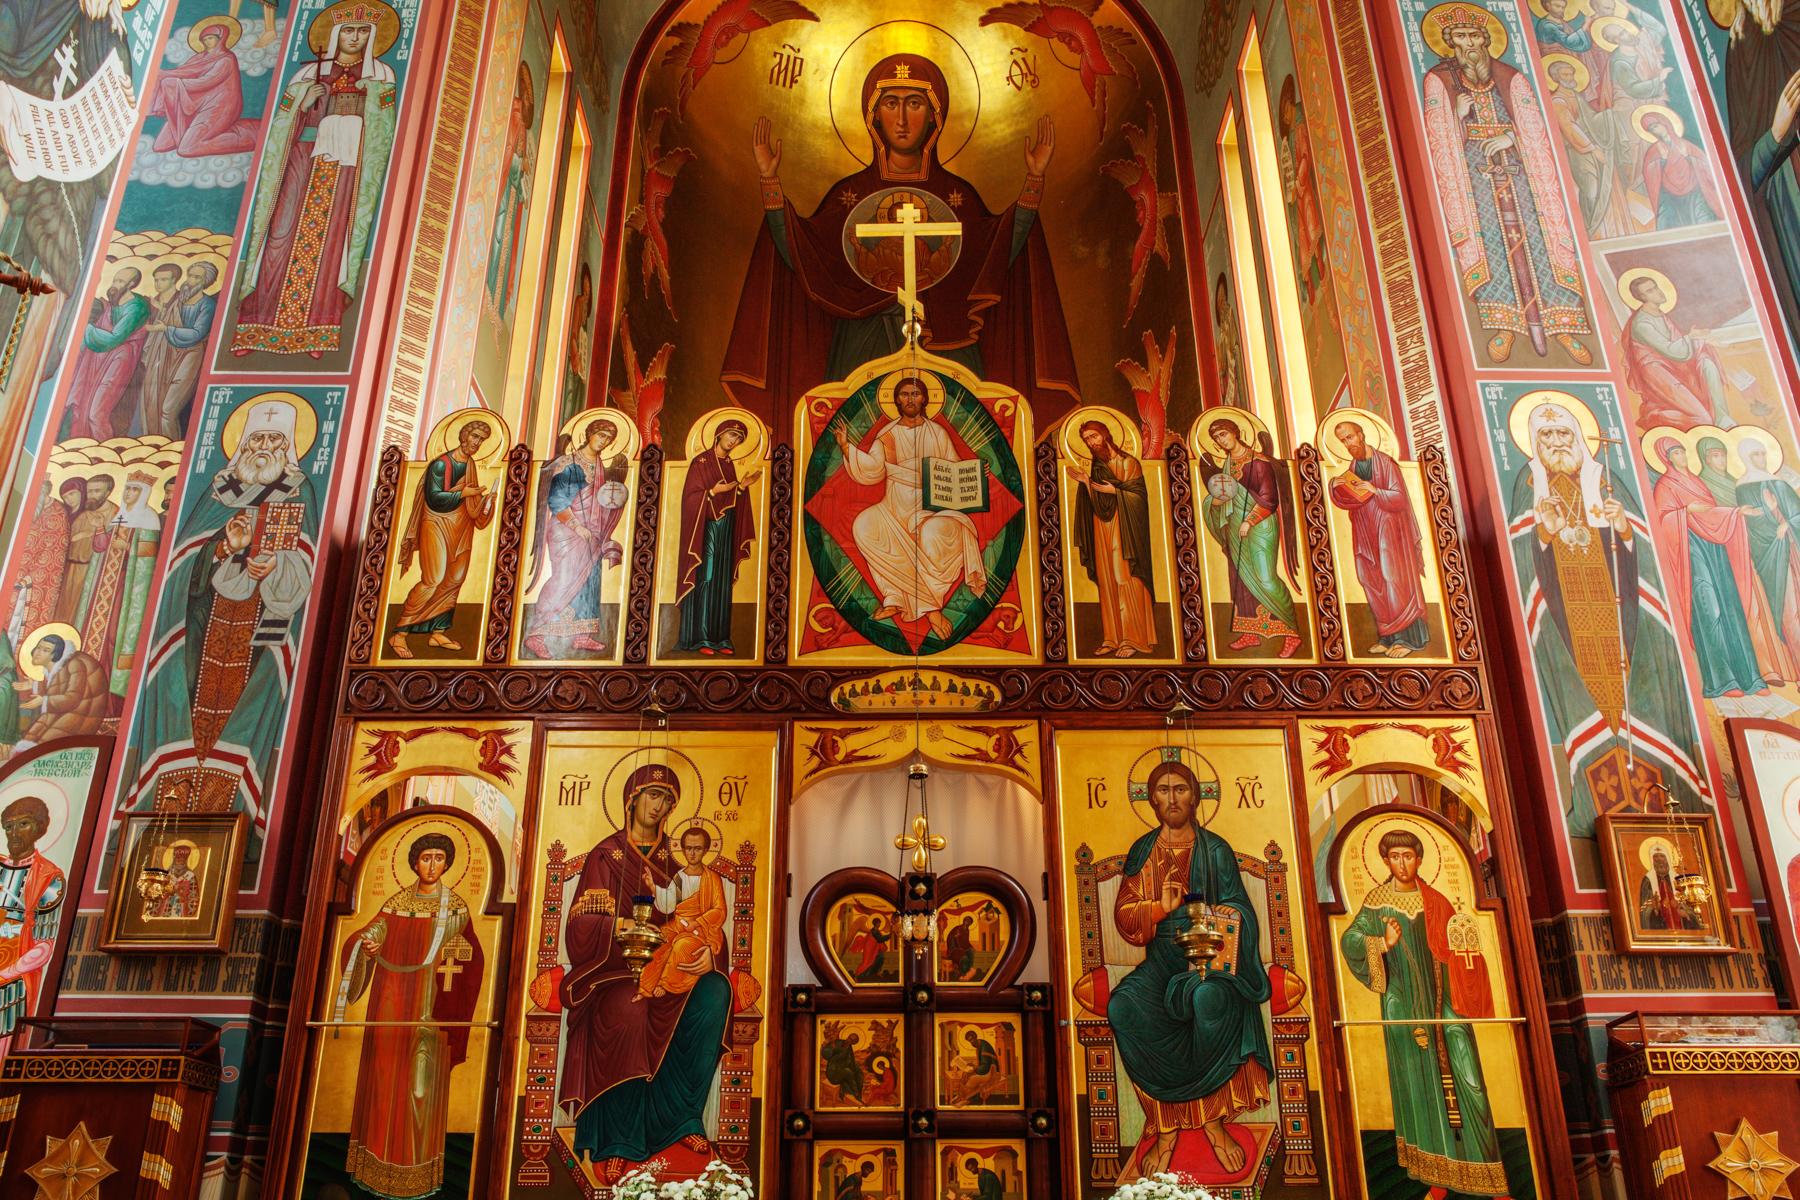 معرض ديني به لوحات رسمت عليها صور القديسين. (Irakli Chikhladze)